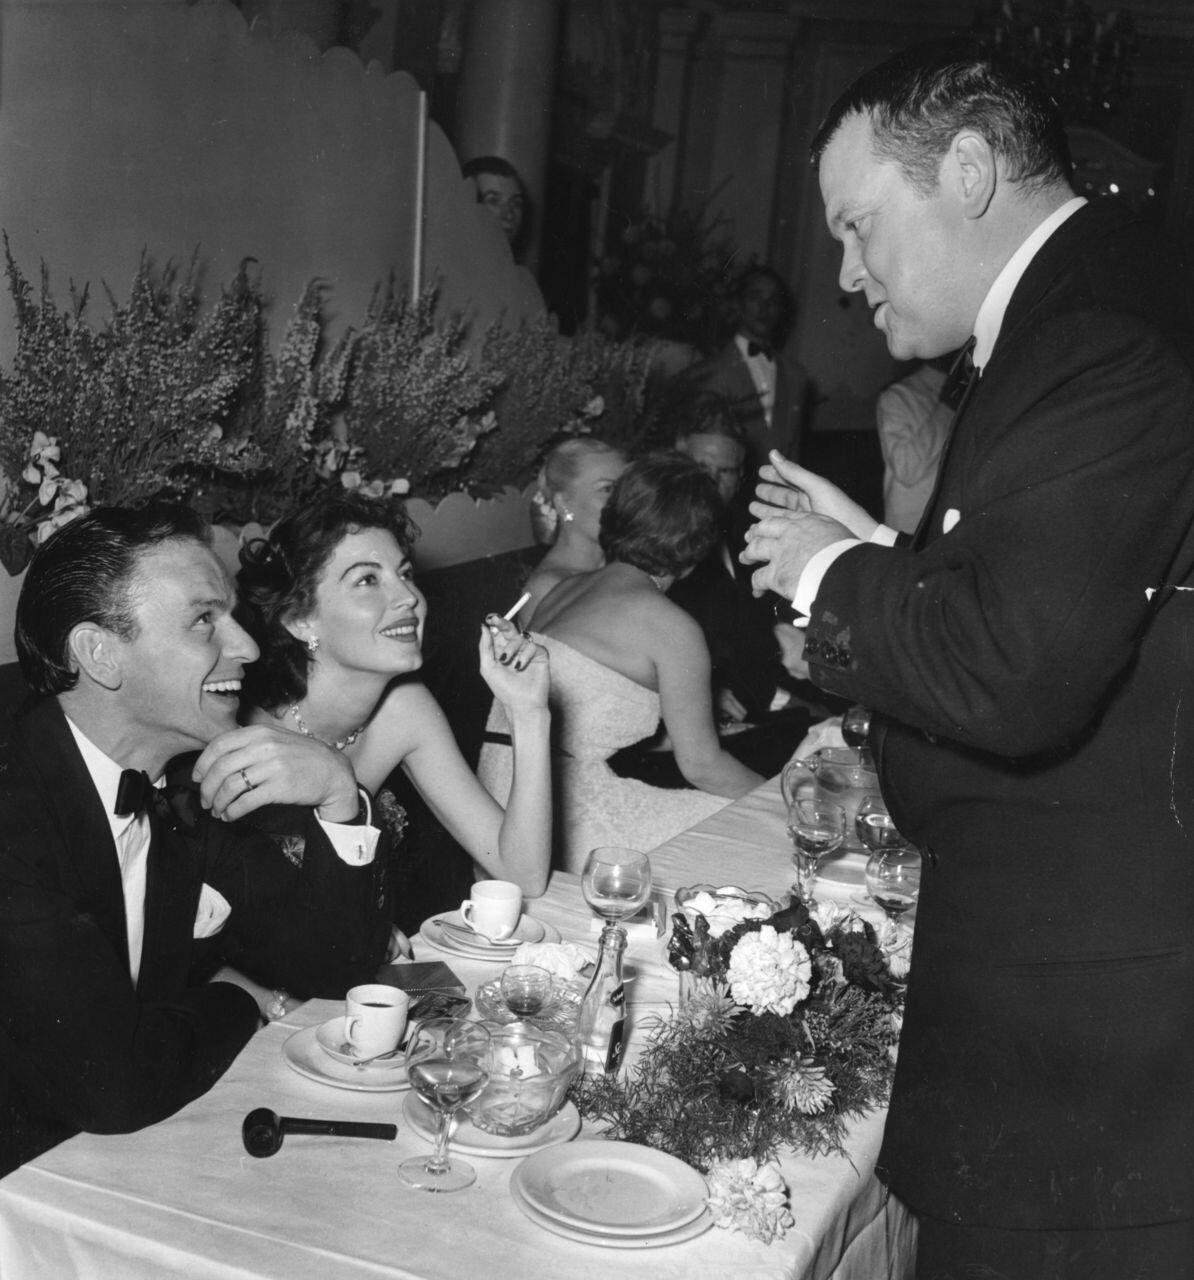 1955. Фрэнк Синатра, Ава Гарднер и Орсон Уэллс